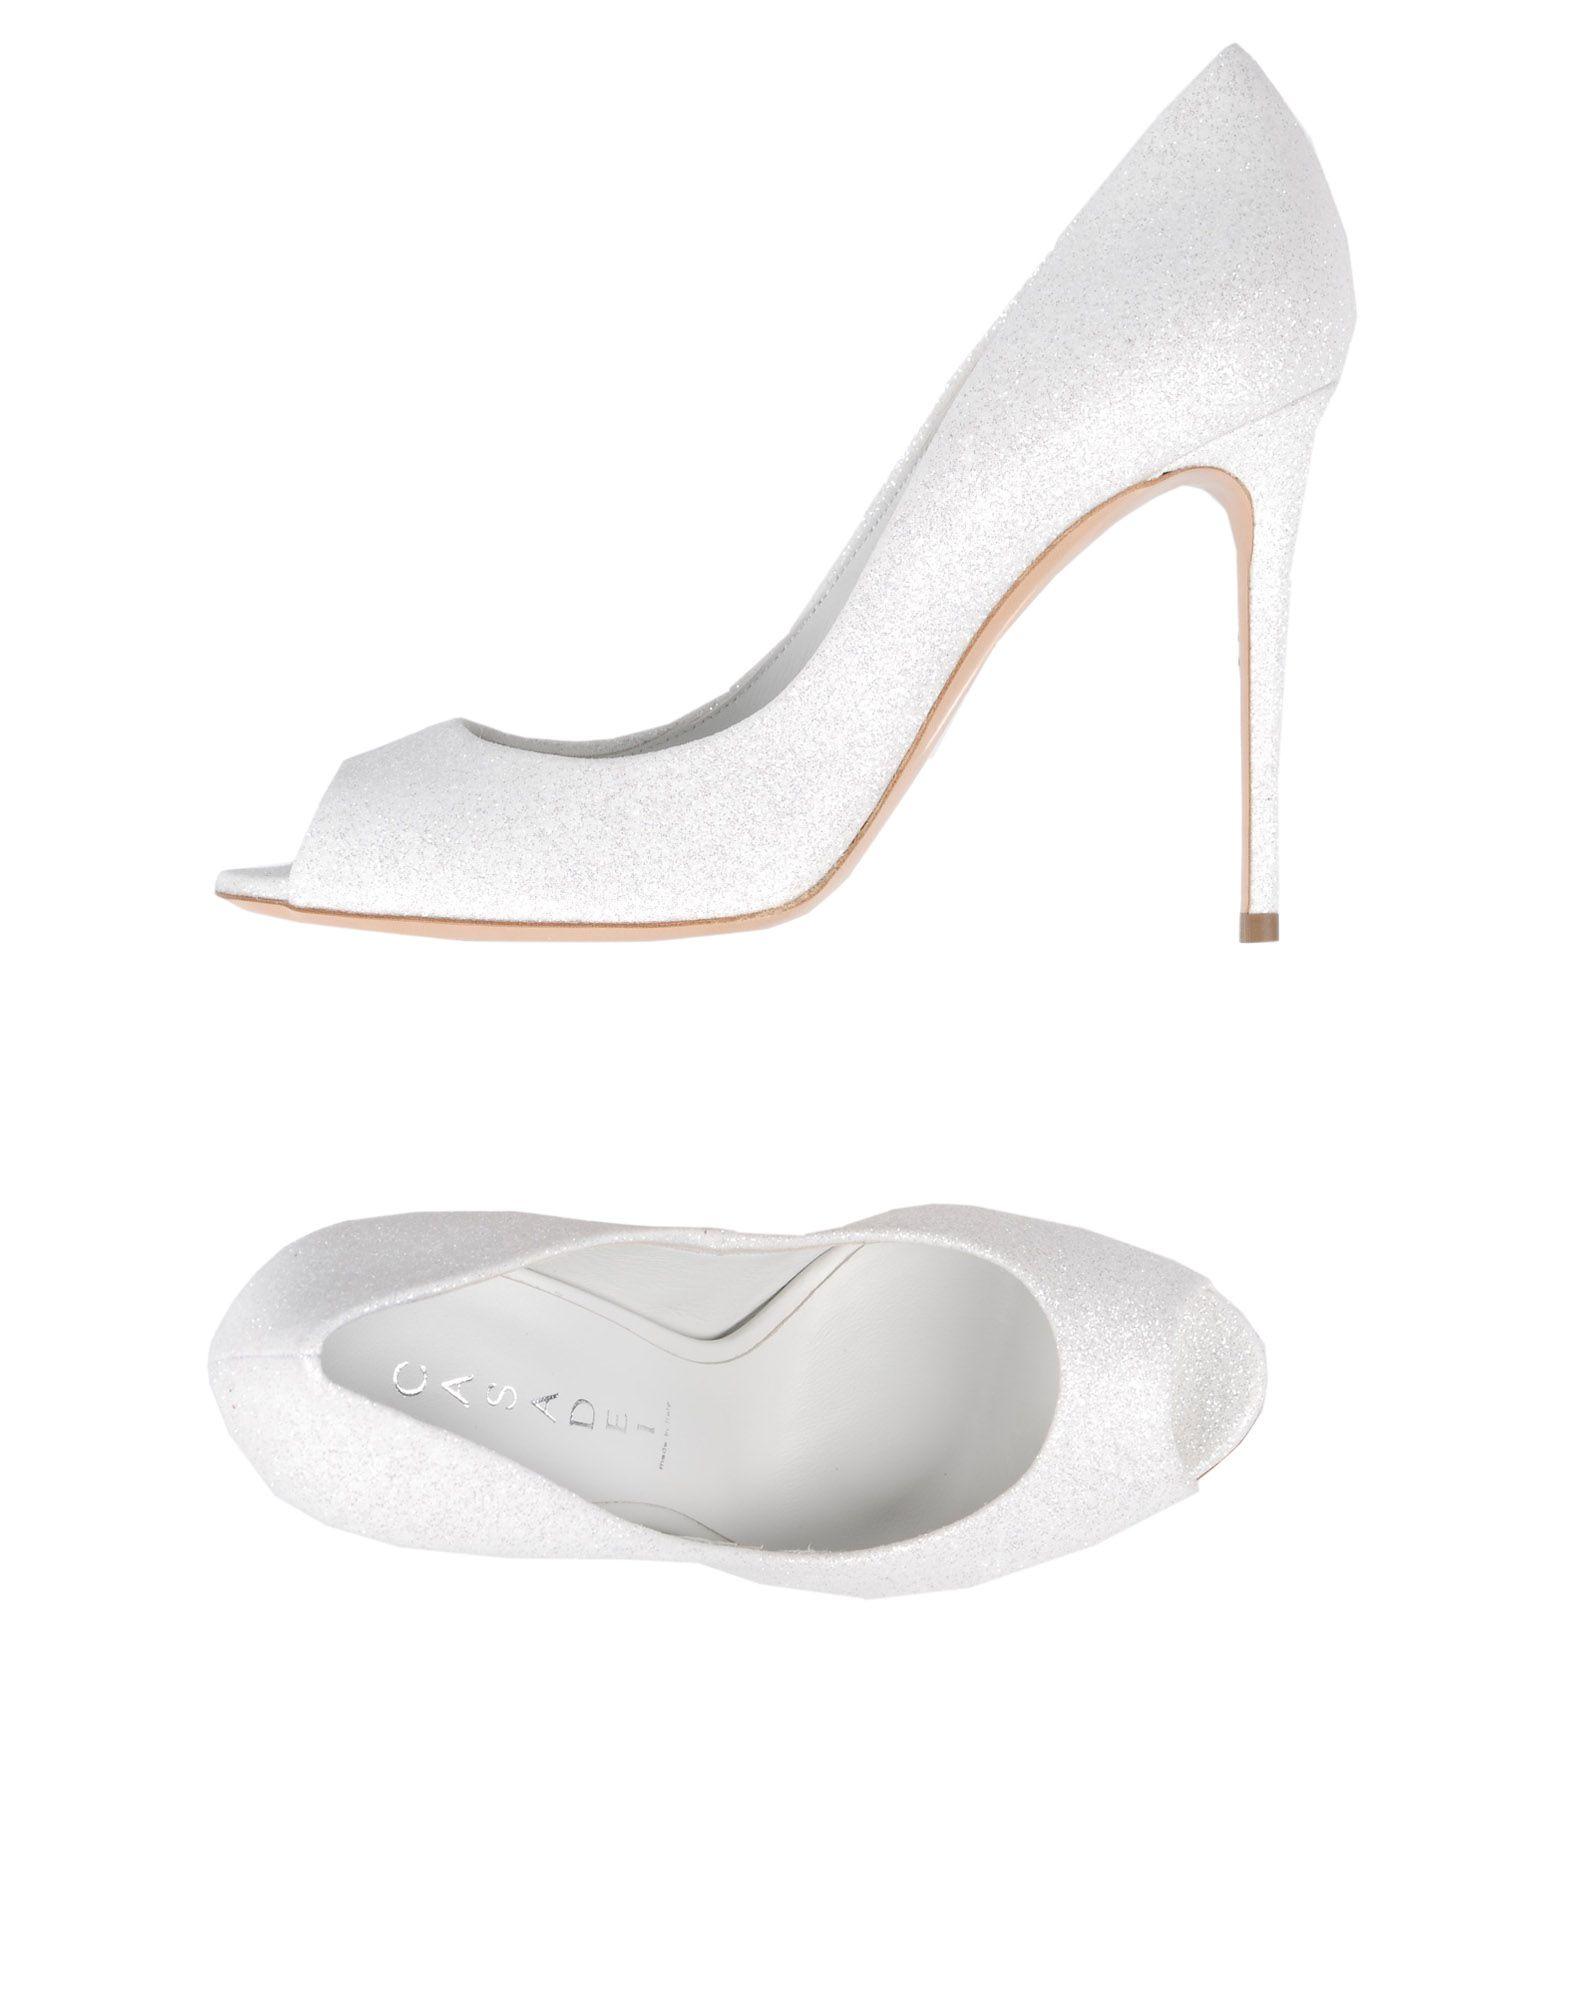 Haltbare Mode billige Schuhe Casadei Pumps Damen  11425979DV Heiße Schuhe